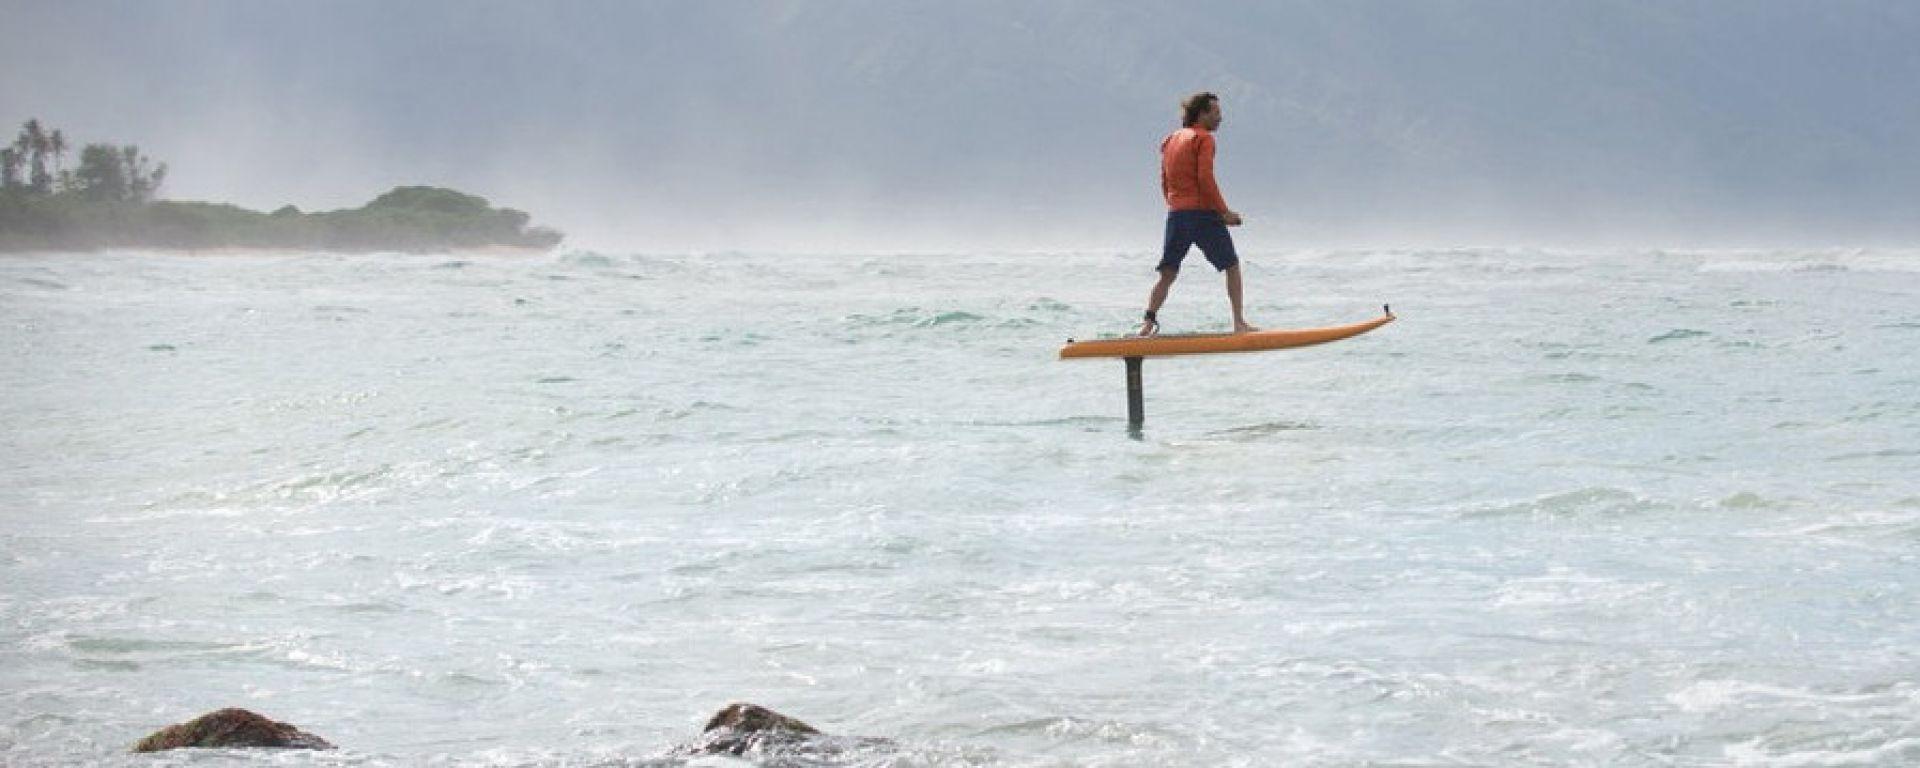 Kai Concepts Jetfoiler: un po' surf un po' aliscafo